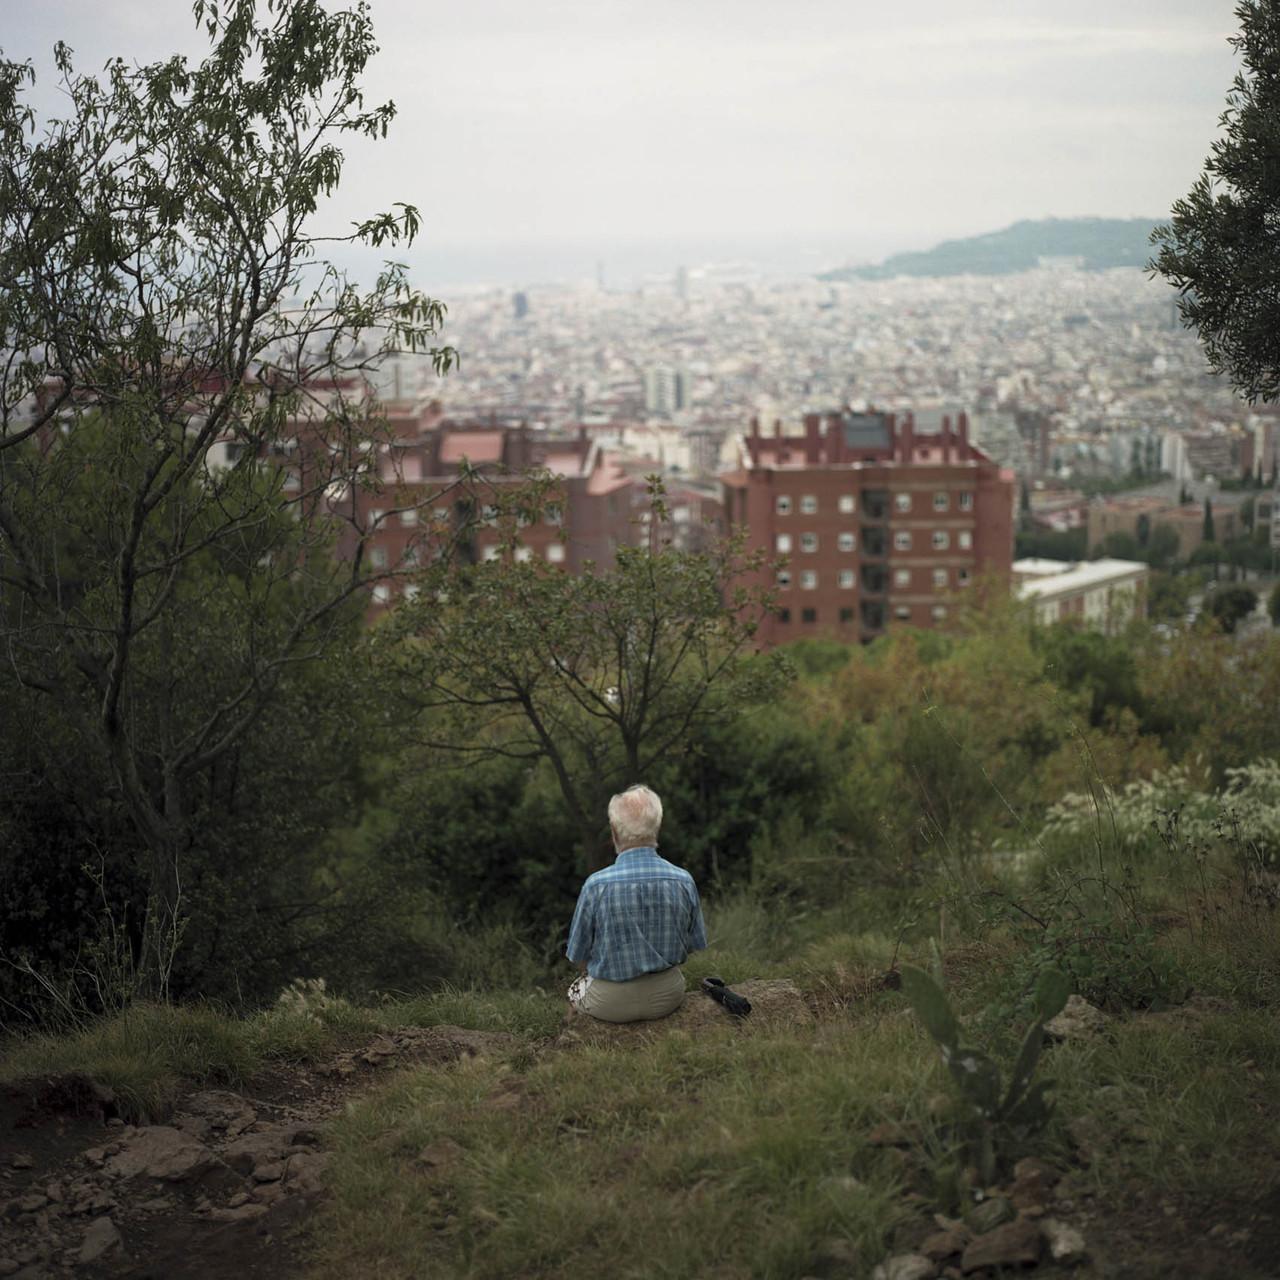 Marc Loyon, Barcelone/Contours, 2014.